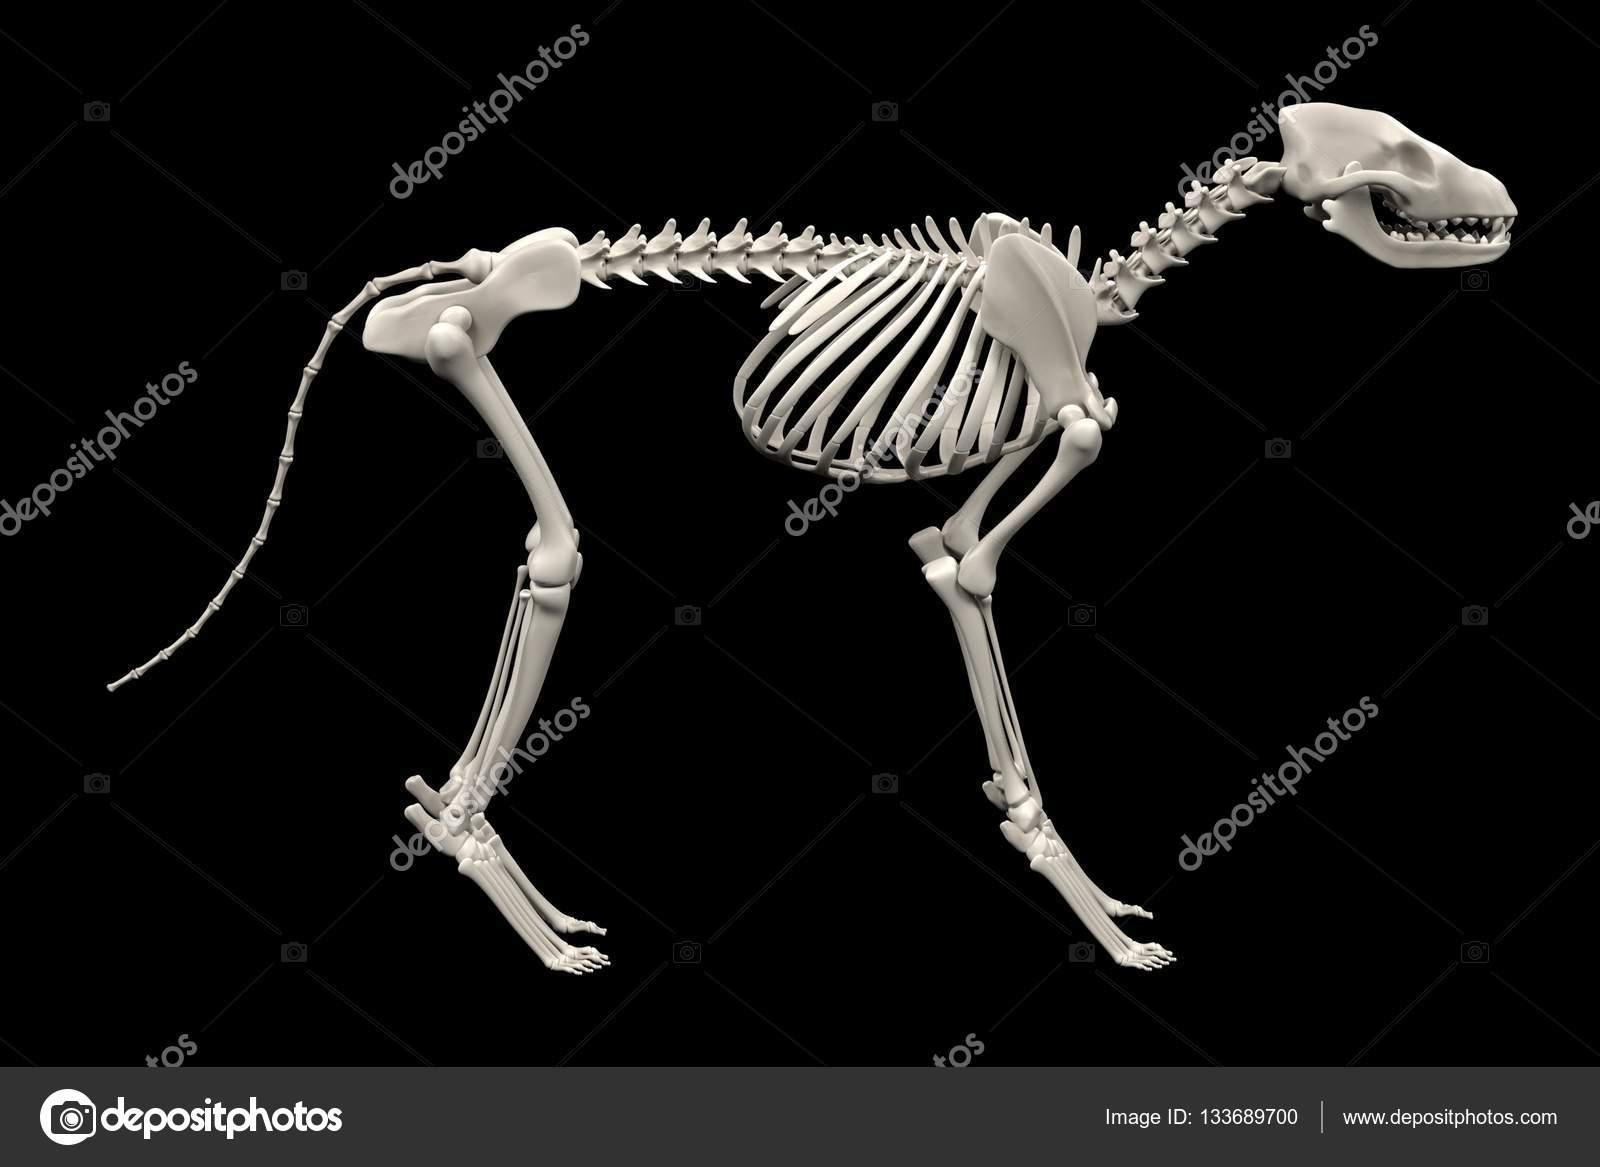 realista 3d render de esqueleto de perro — Fotos de Stock ...